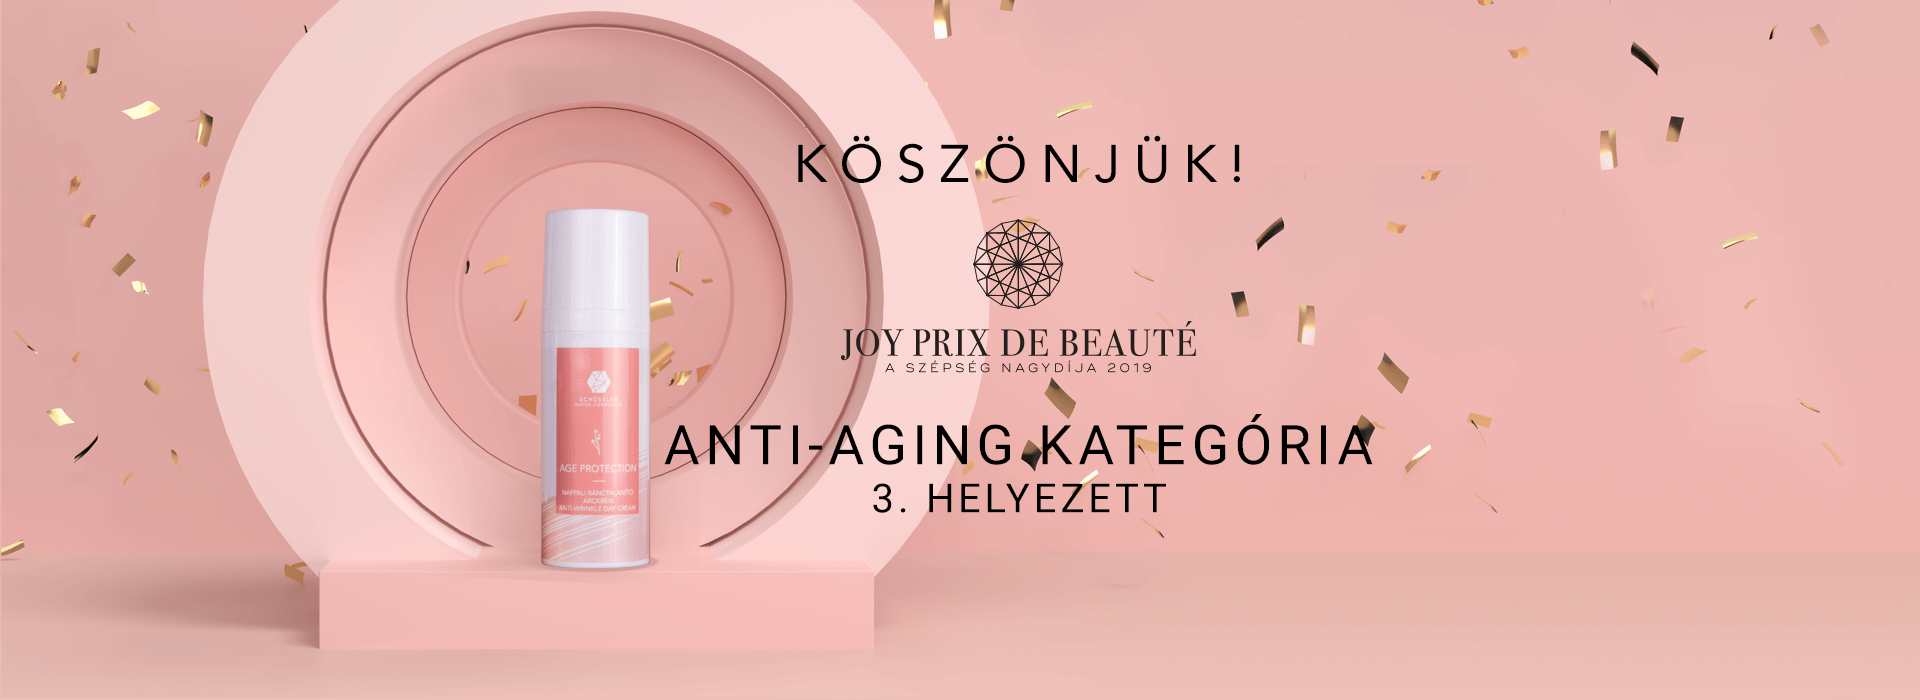 Joy Prix de Beauté